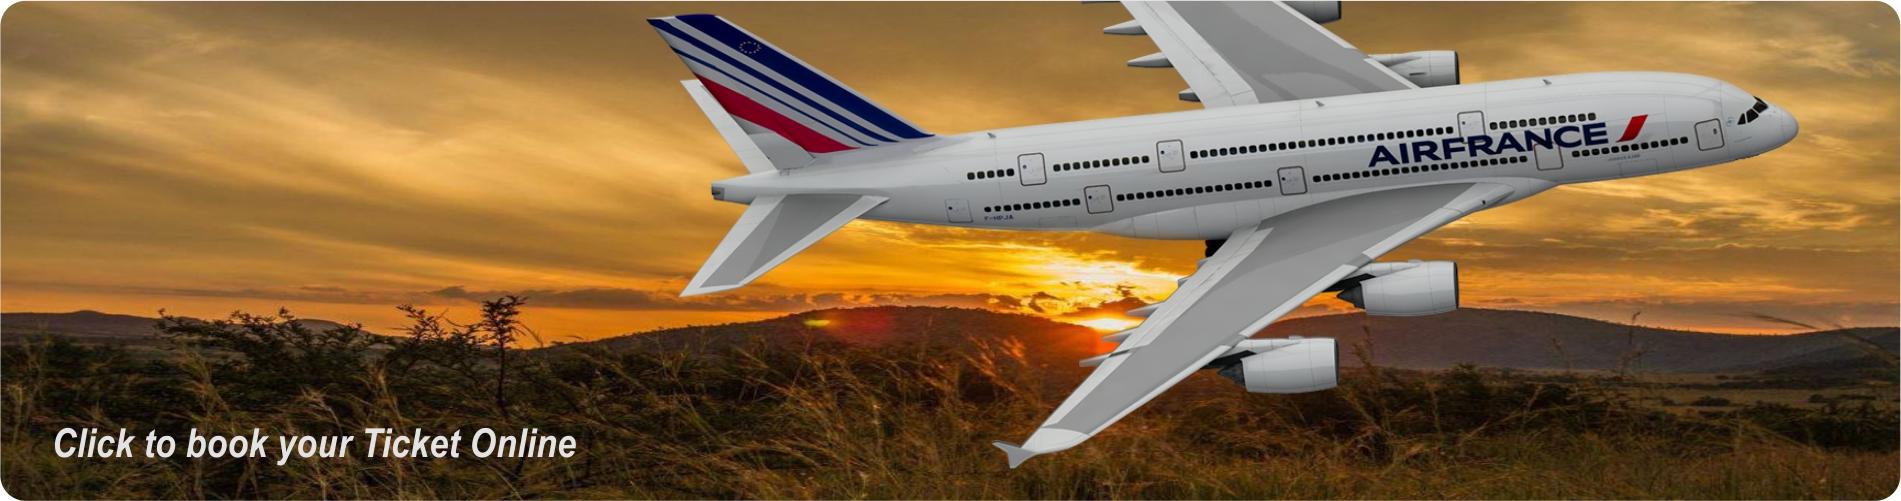 Fly-air-france A380